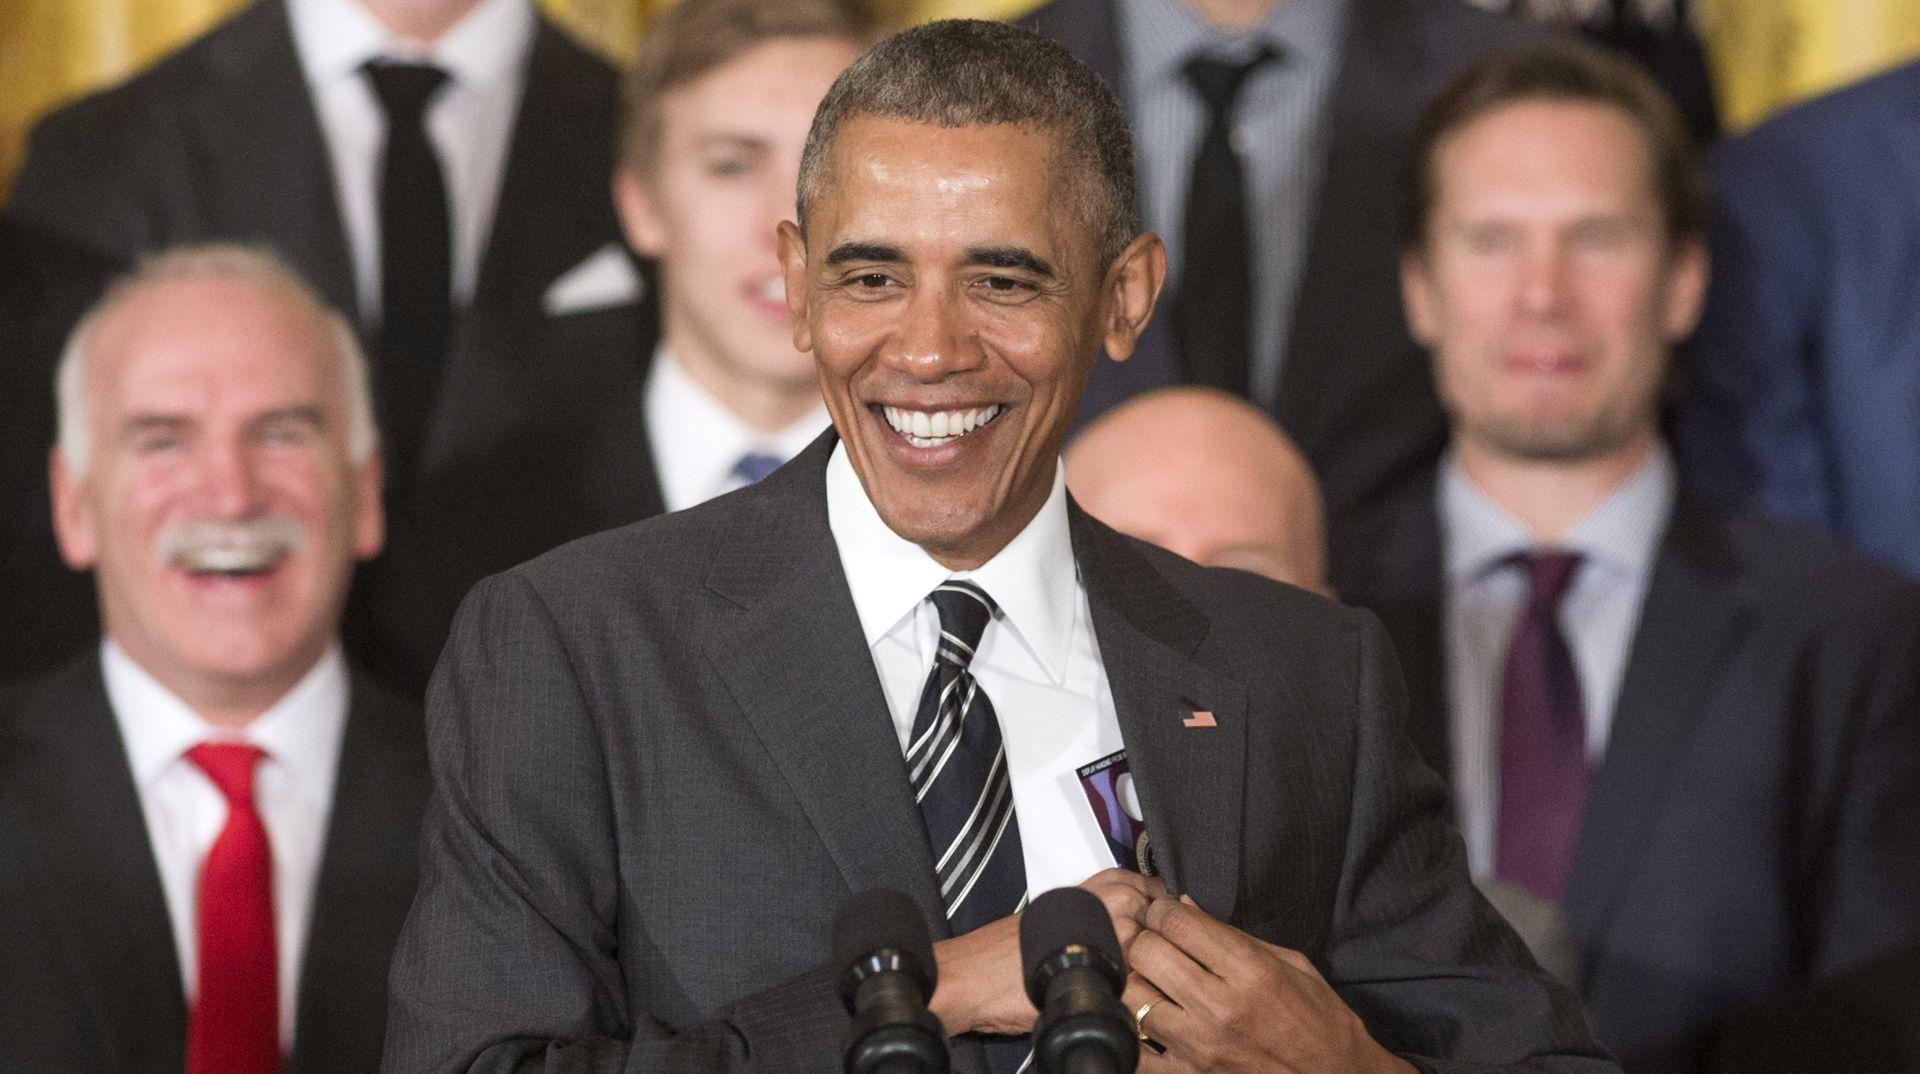 POVIJESNI POSJET Barack Obama u ožujku na Kubi